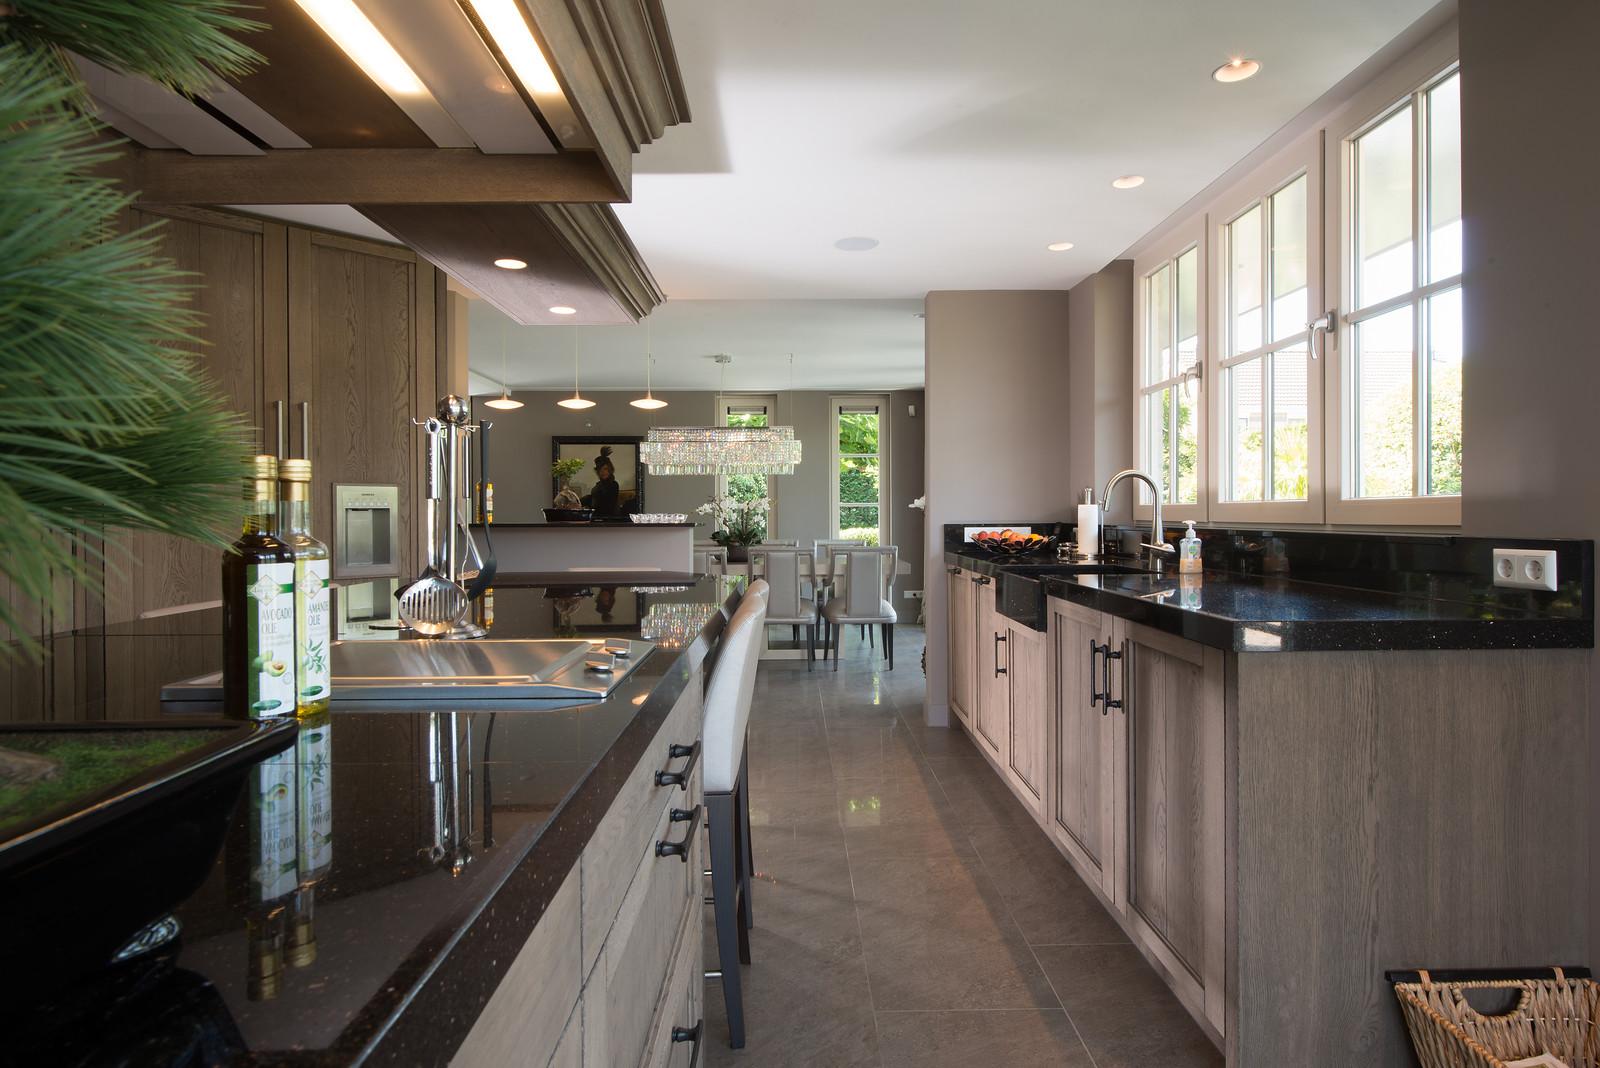 Keuken in landelijke stijl van tieleman keukens product in beeld startpagina voor keuken - Land keuken model ...